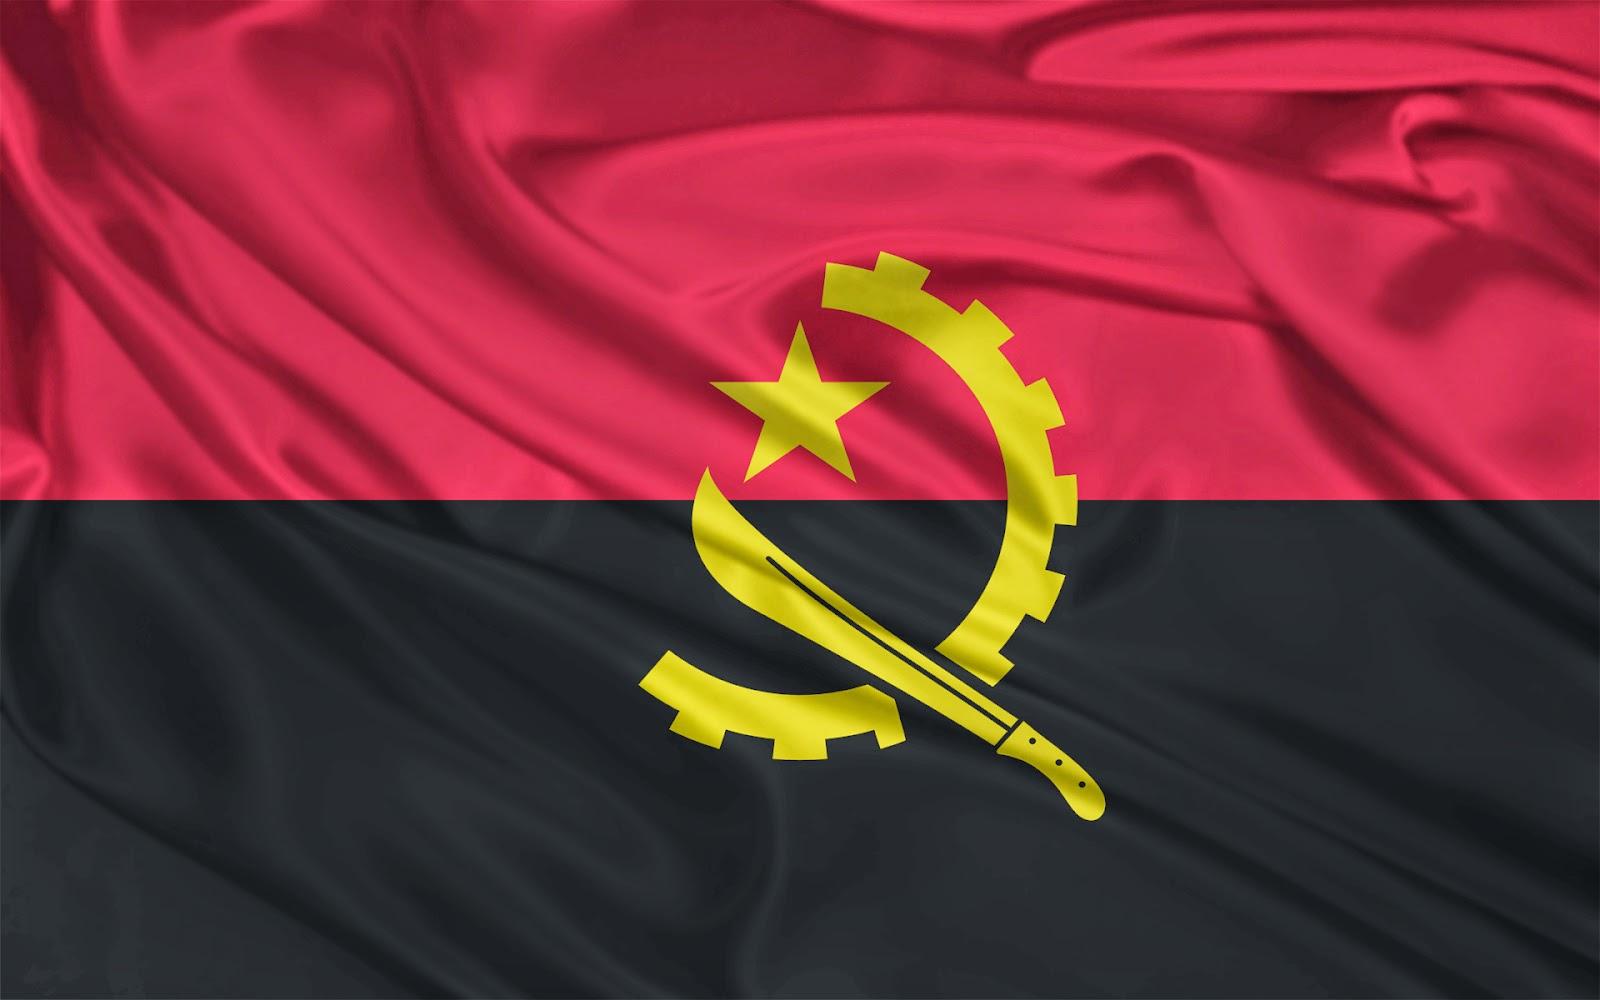 Conheça um pouco do rap angolano #7rappersdeAngola